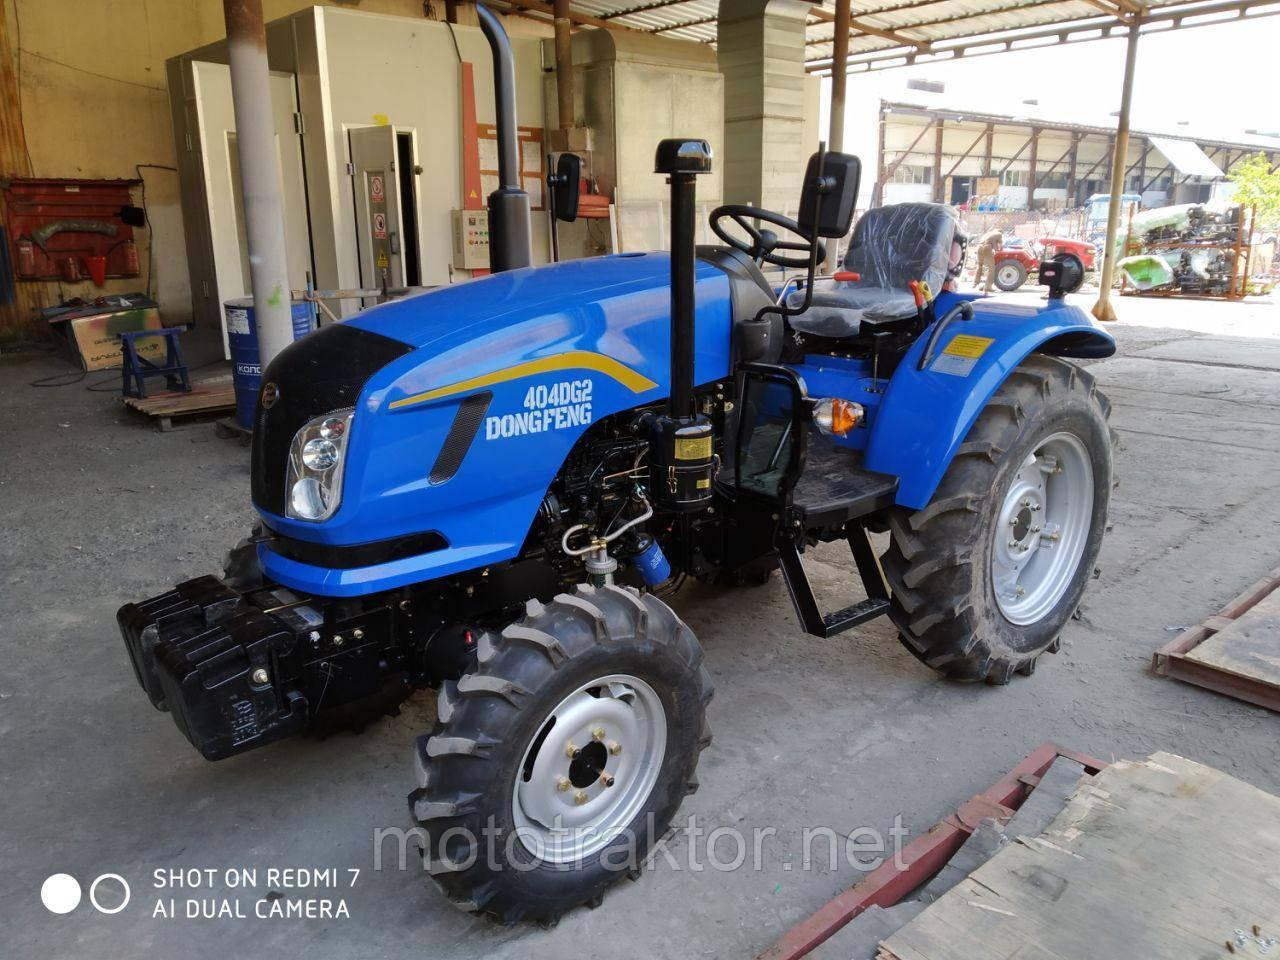 Трактор с доставкой DONGFENG 404DG2 Реверс 2019г